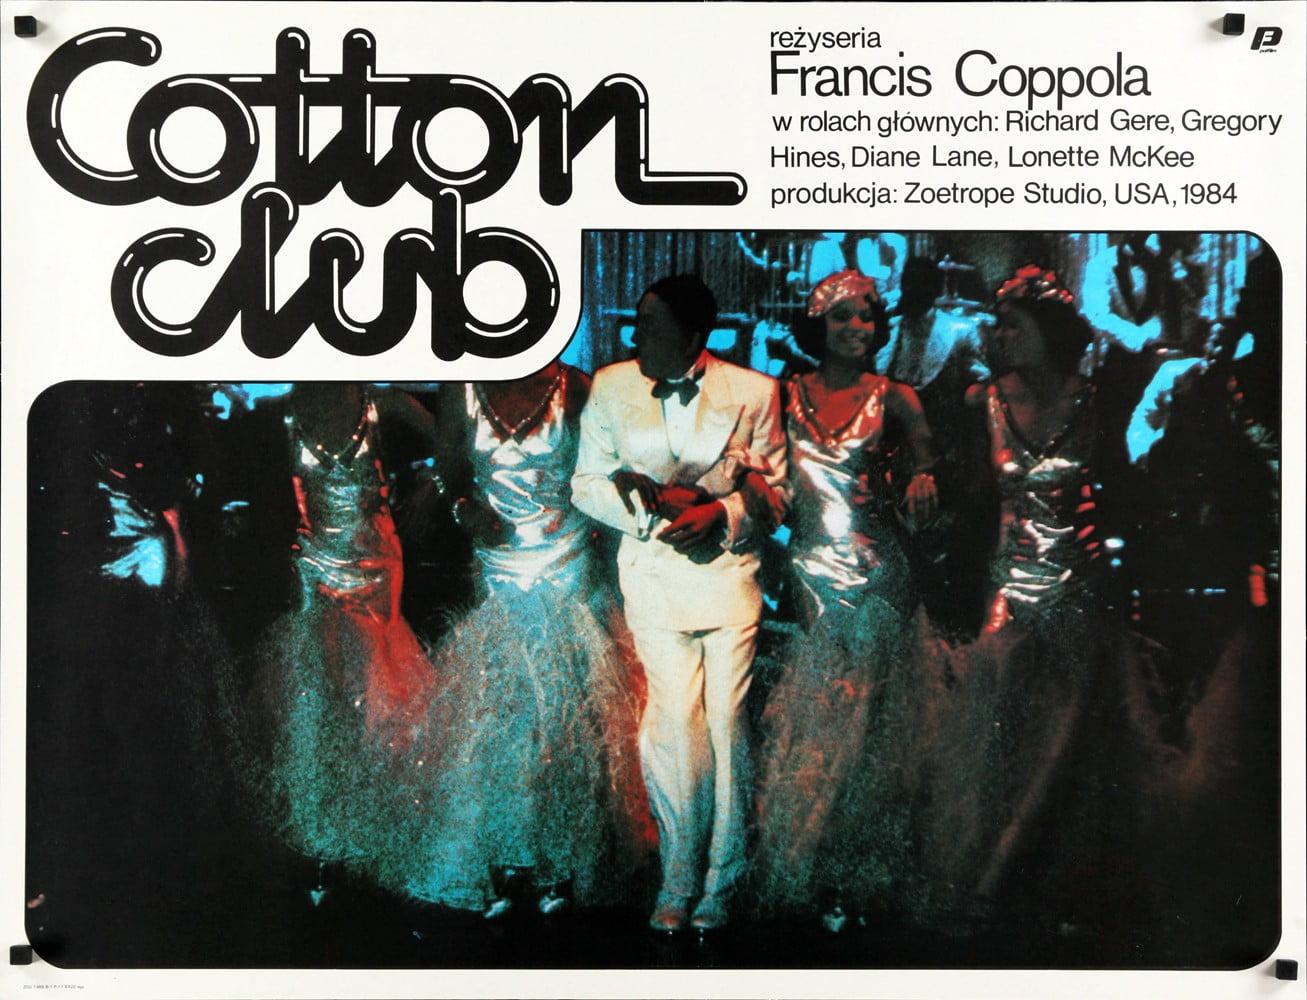 Cottonclub24